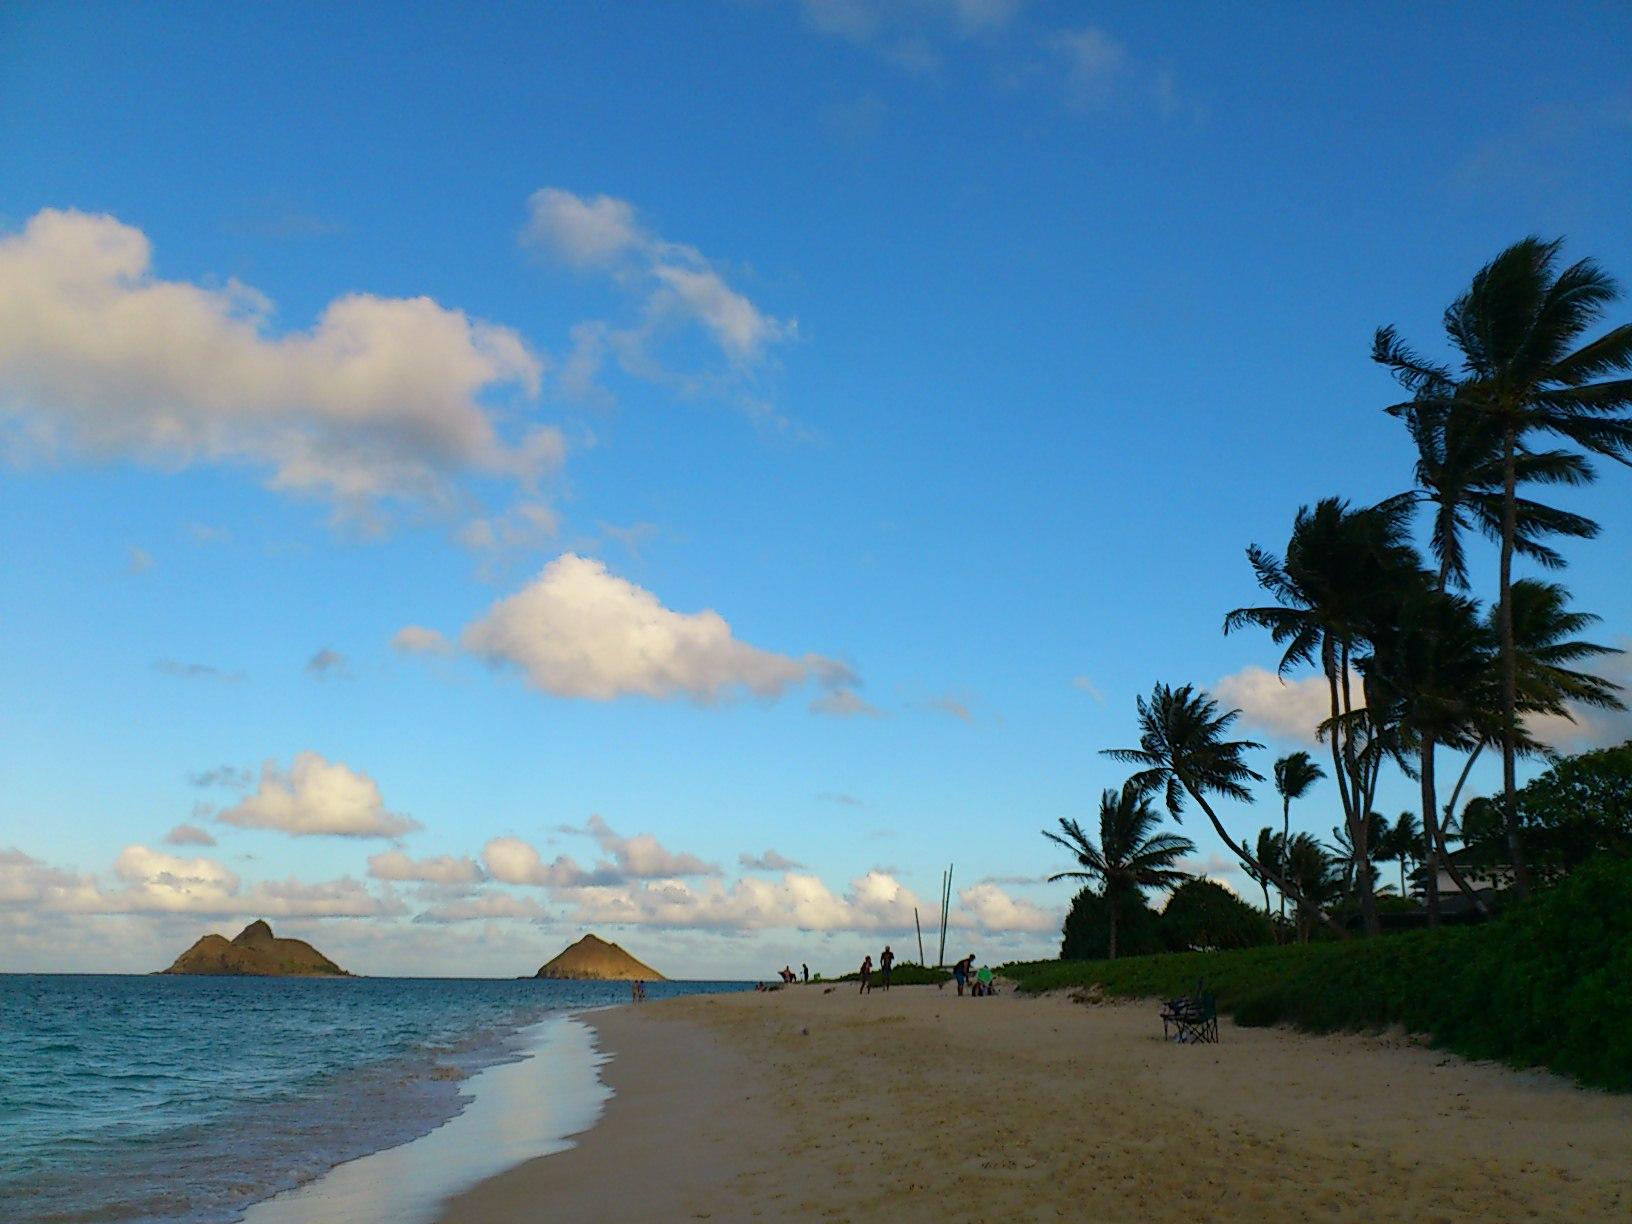 Before sunset at Lanikai beach